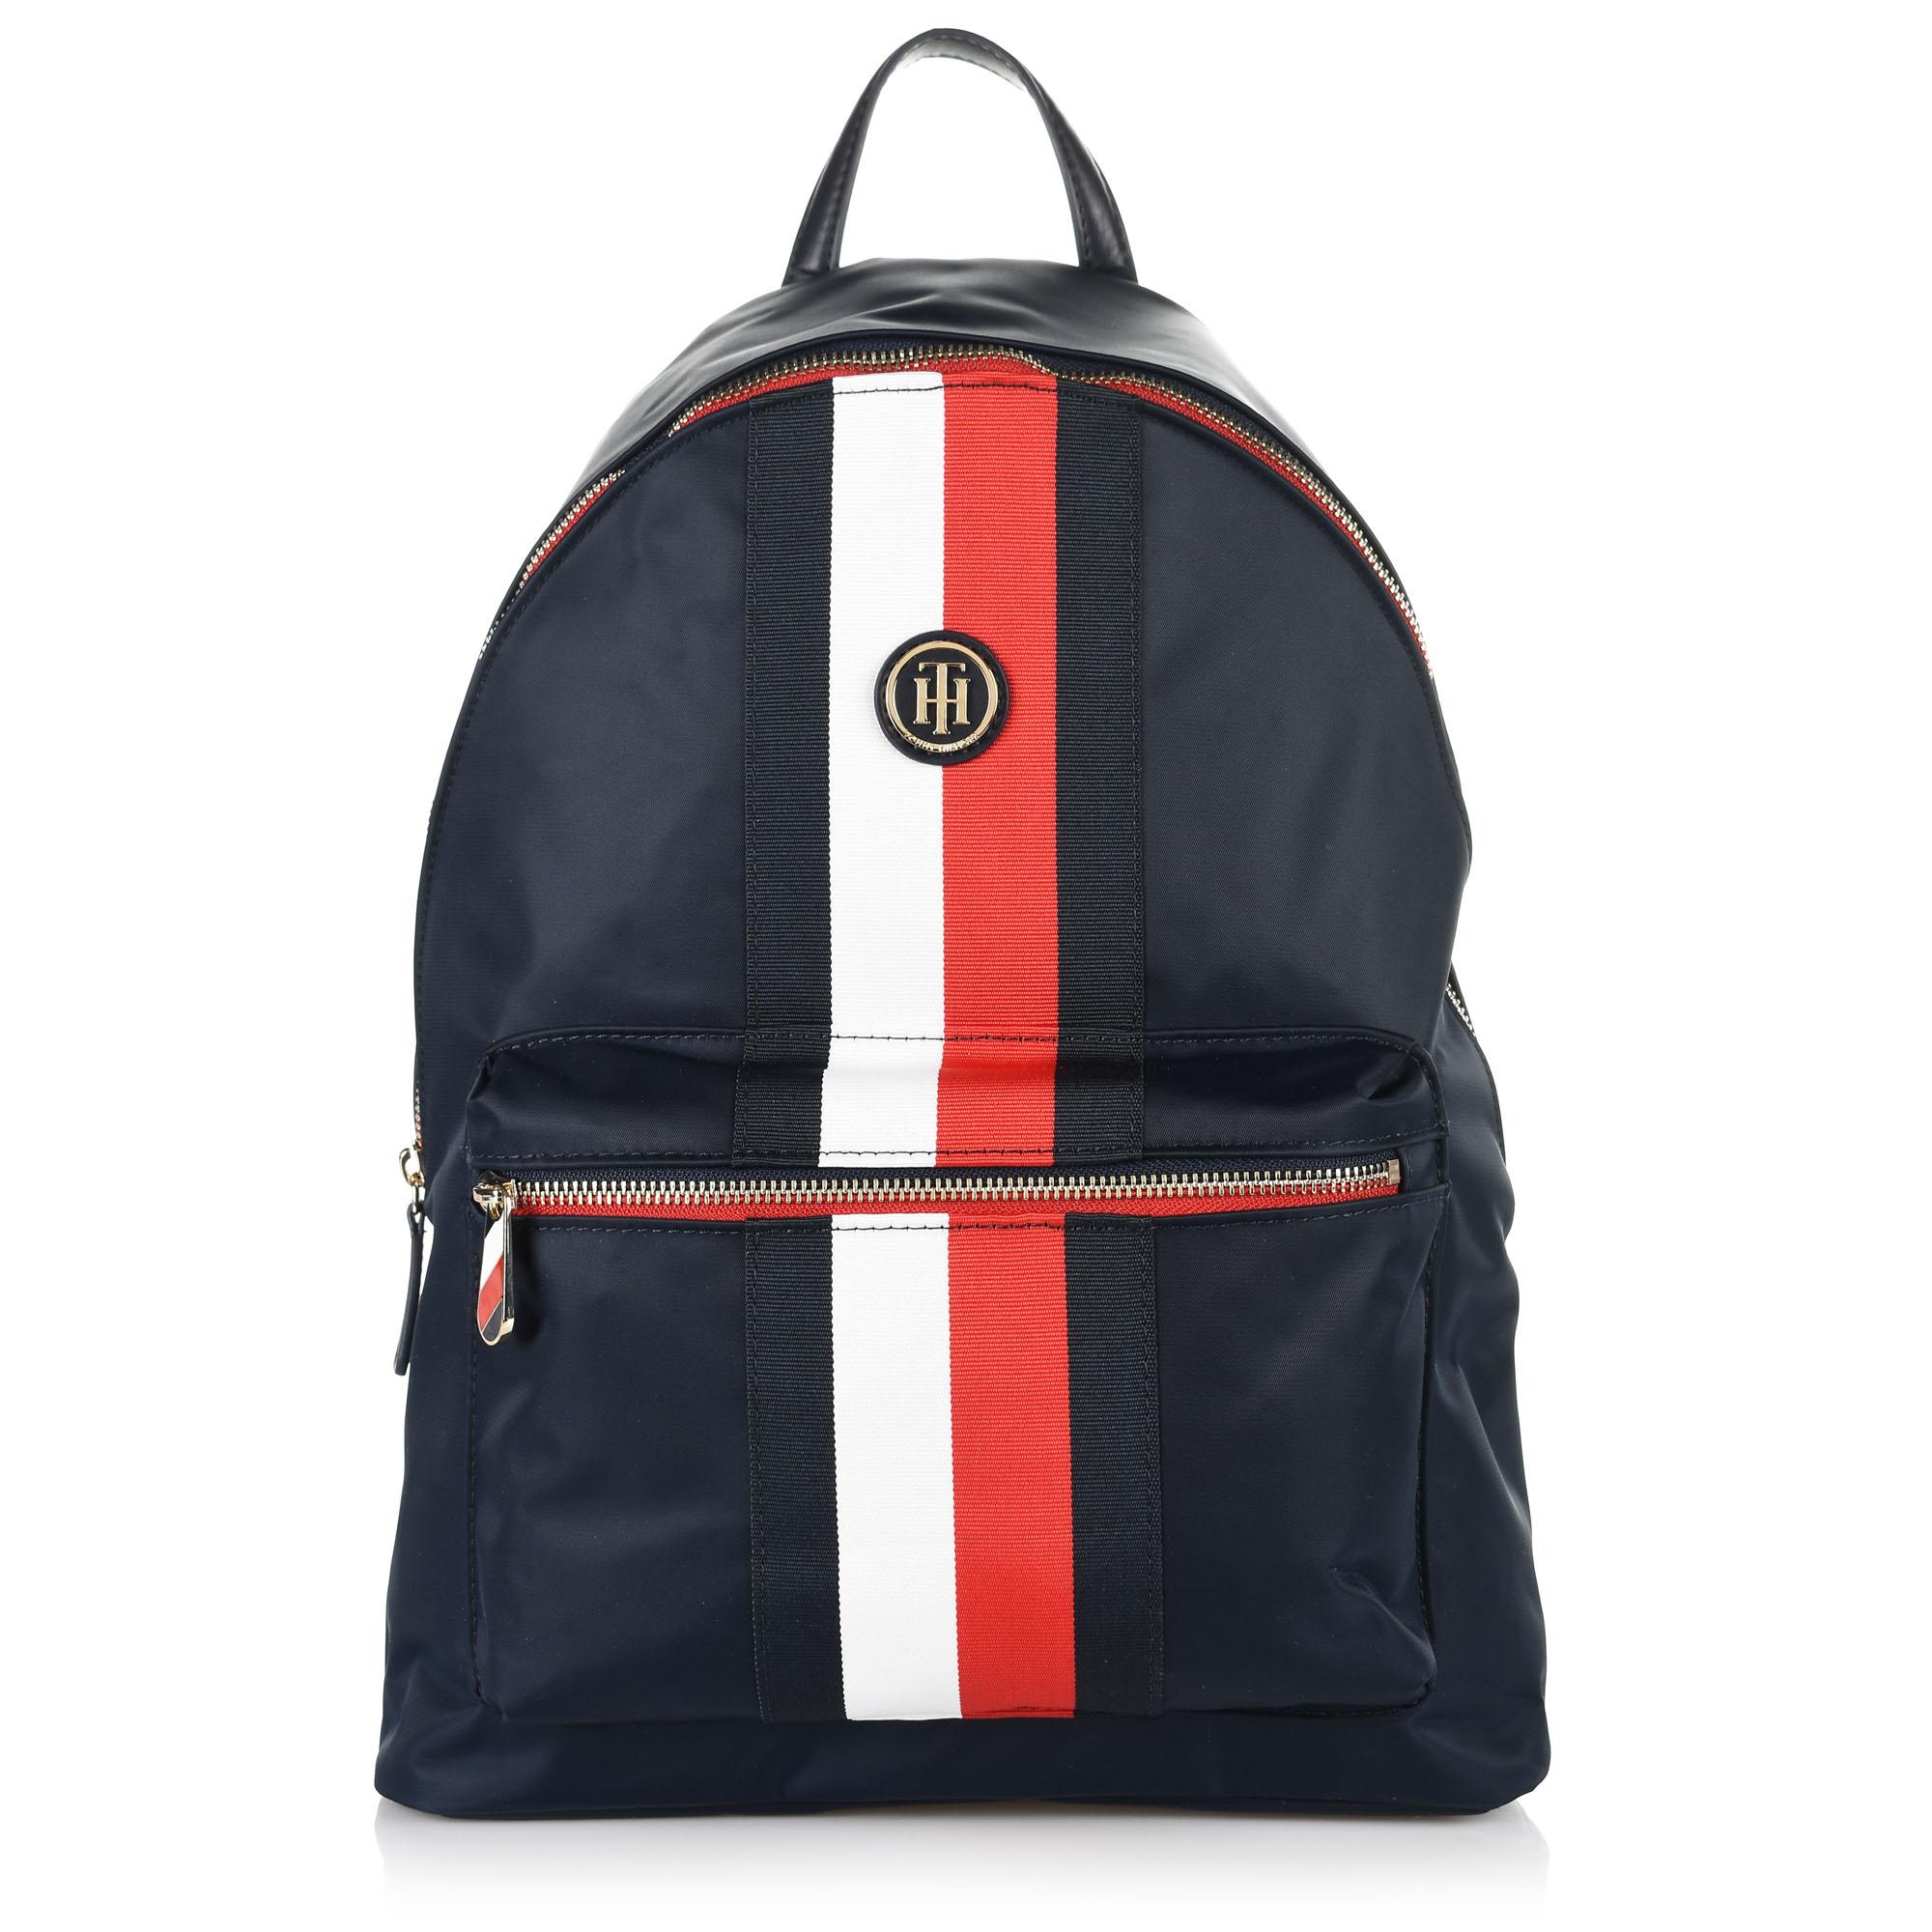 Σακίδιο Πλάτης Tommy Hilfiger Poppy Backpack Stp AW0AW06861